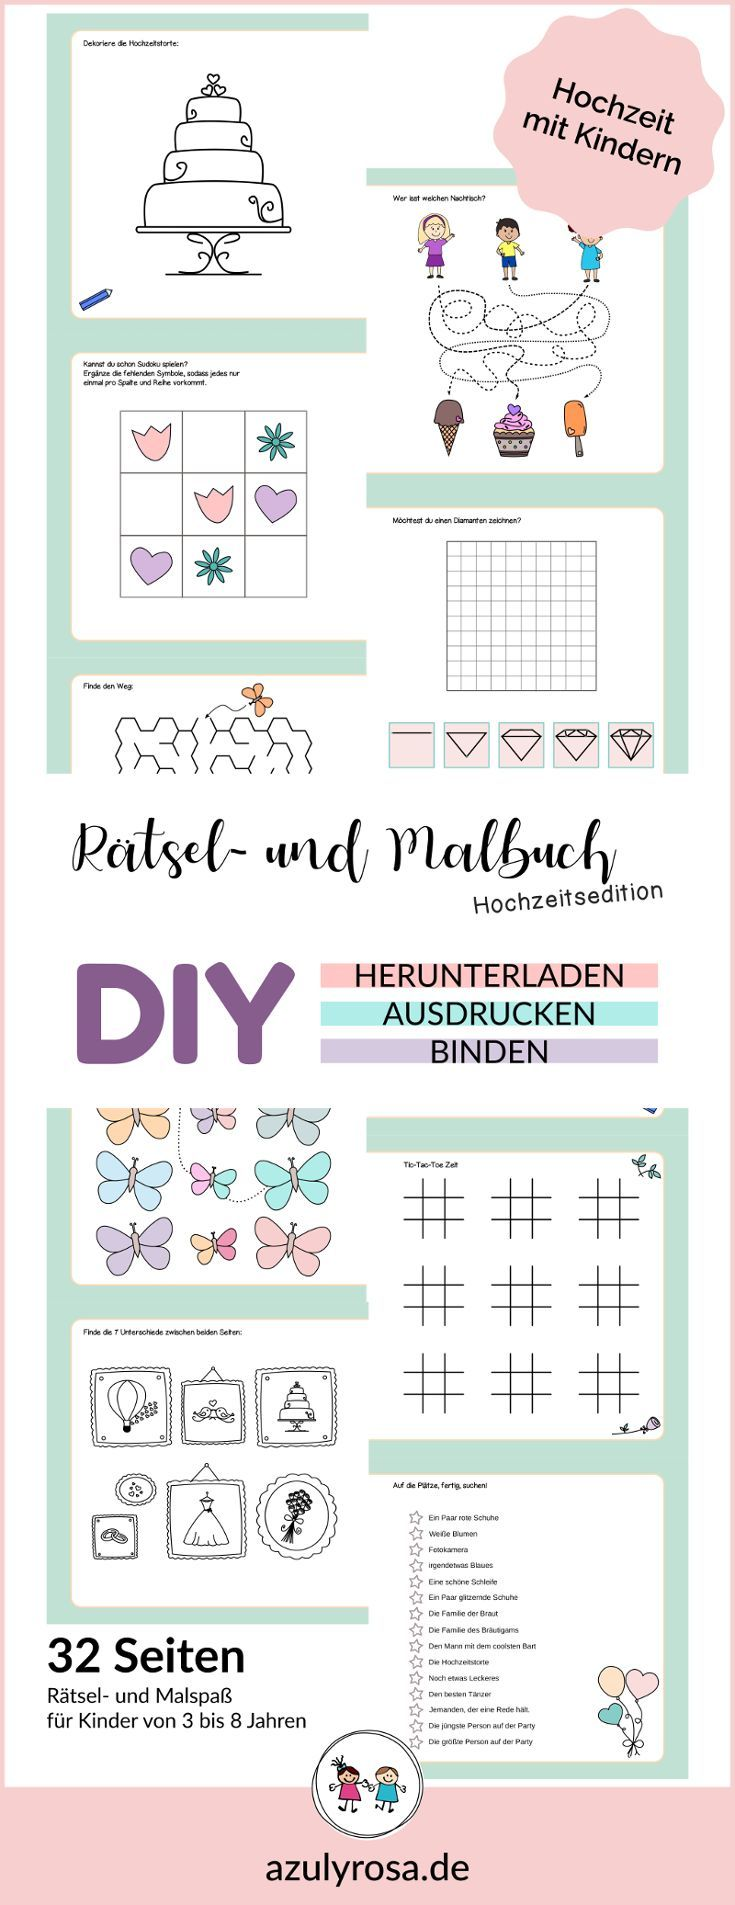 Ratsel Und Malbuch Hochzeitsedition Zum Selber Ausdrucken In 2020 Wenn Du Mal Buch Kinder Auf Der Hochzeit Ratsel Zum Ausdrucken